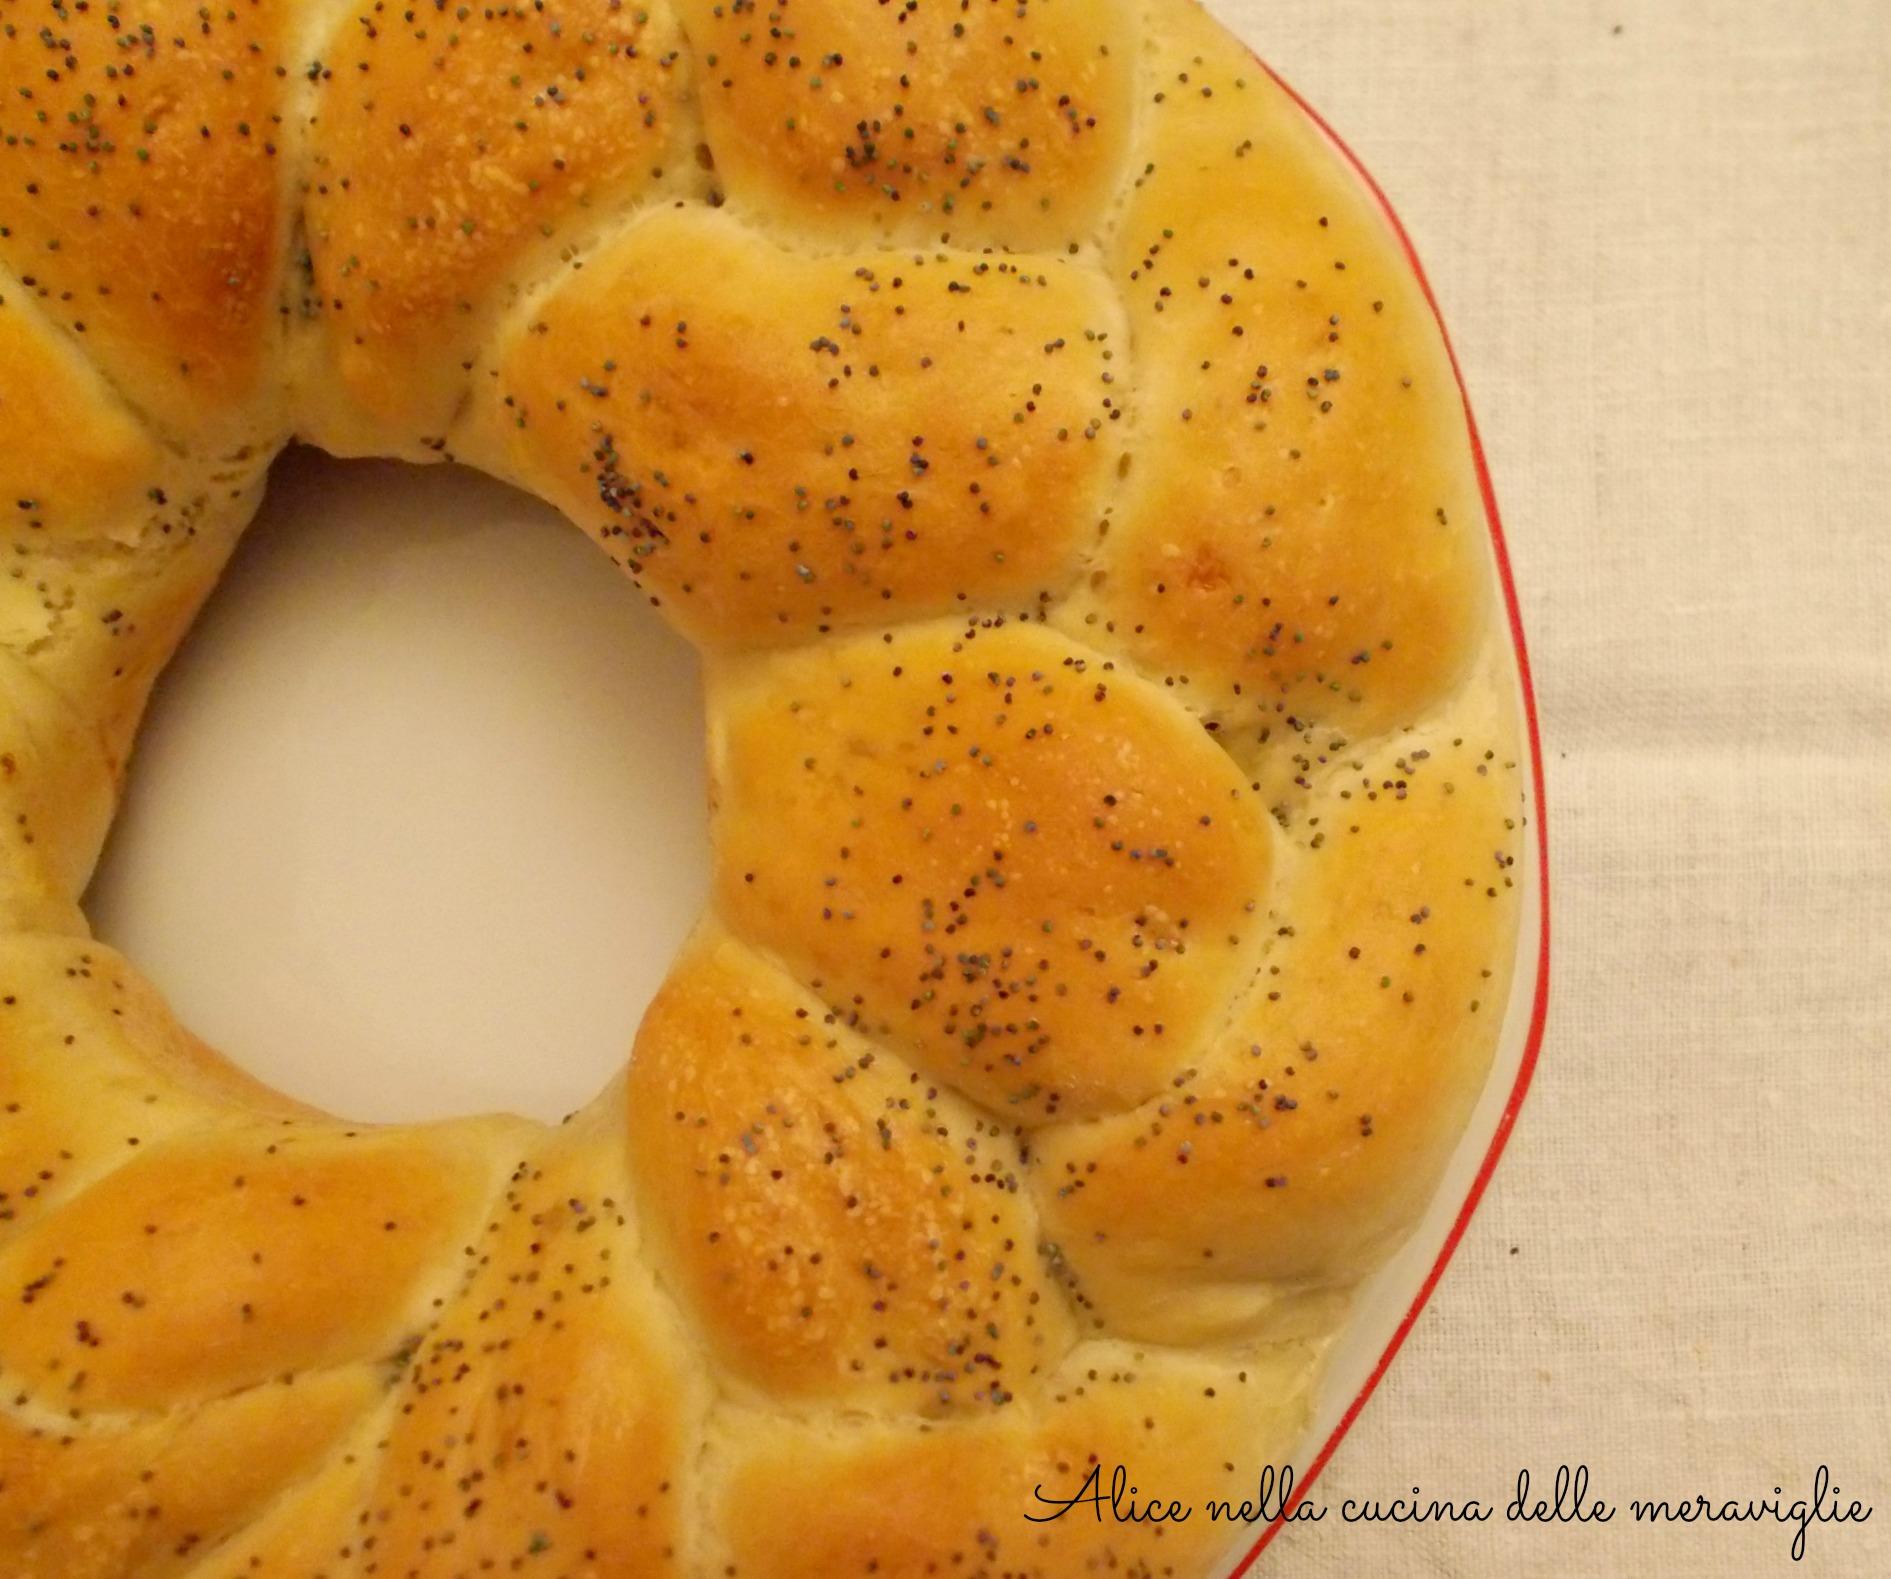 Treccia di pan brioche farcita Ricetta lievitato salato Alice nella cucina delle meraviglie